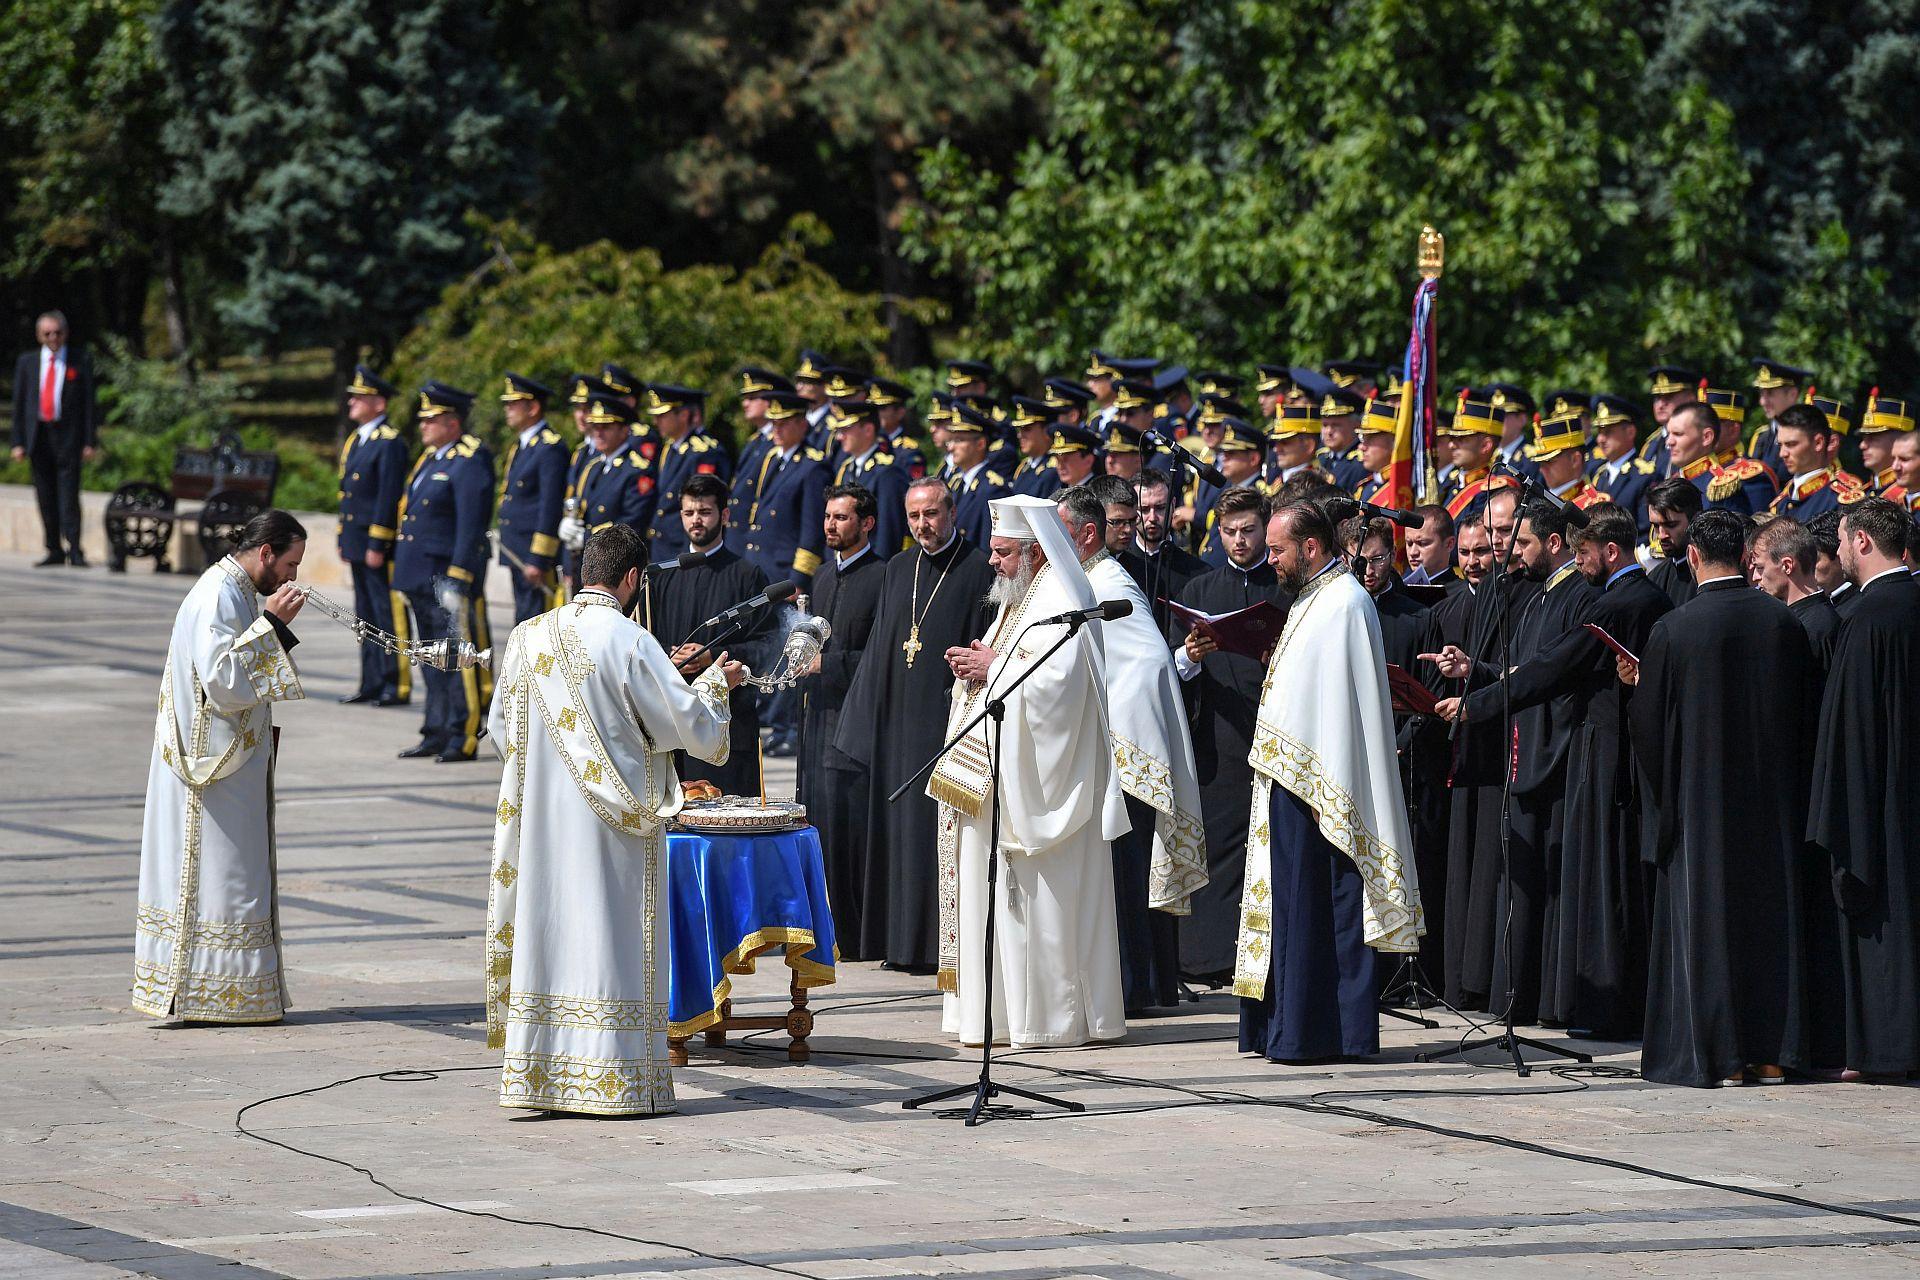 Pomenirea cu recunoștință a tuturor eroilor români care s-au jertfit pentru unitatea, libertatea si demnitatea poporului român este o datorie a tuturor cetățenilor României! Toţi suntem chemați să păstrăm şi să cultivăm darul unităţii naţionale ca fiind un simbol al demnităţii poporului, obţinut cu multe jertfe de vieţi omeneşti şi multe eforturi spirituale şi materiale!